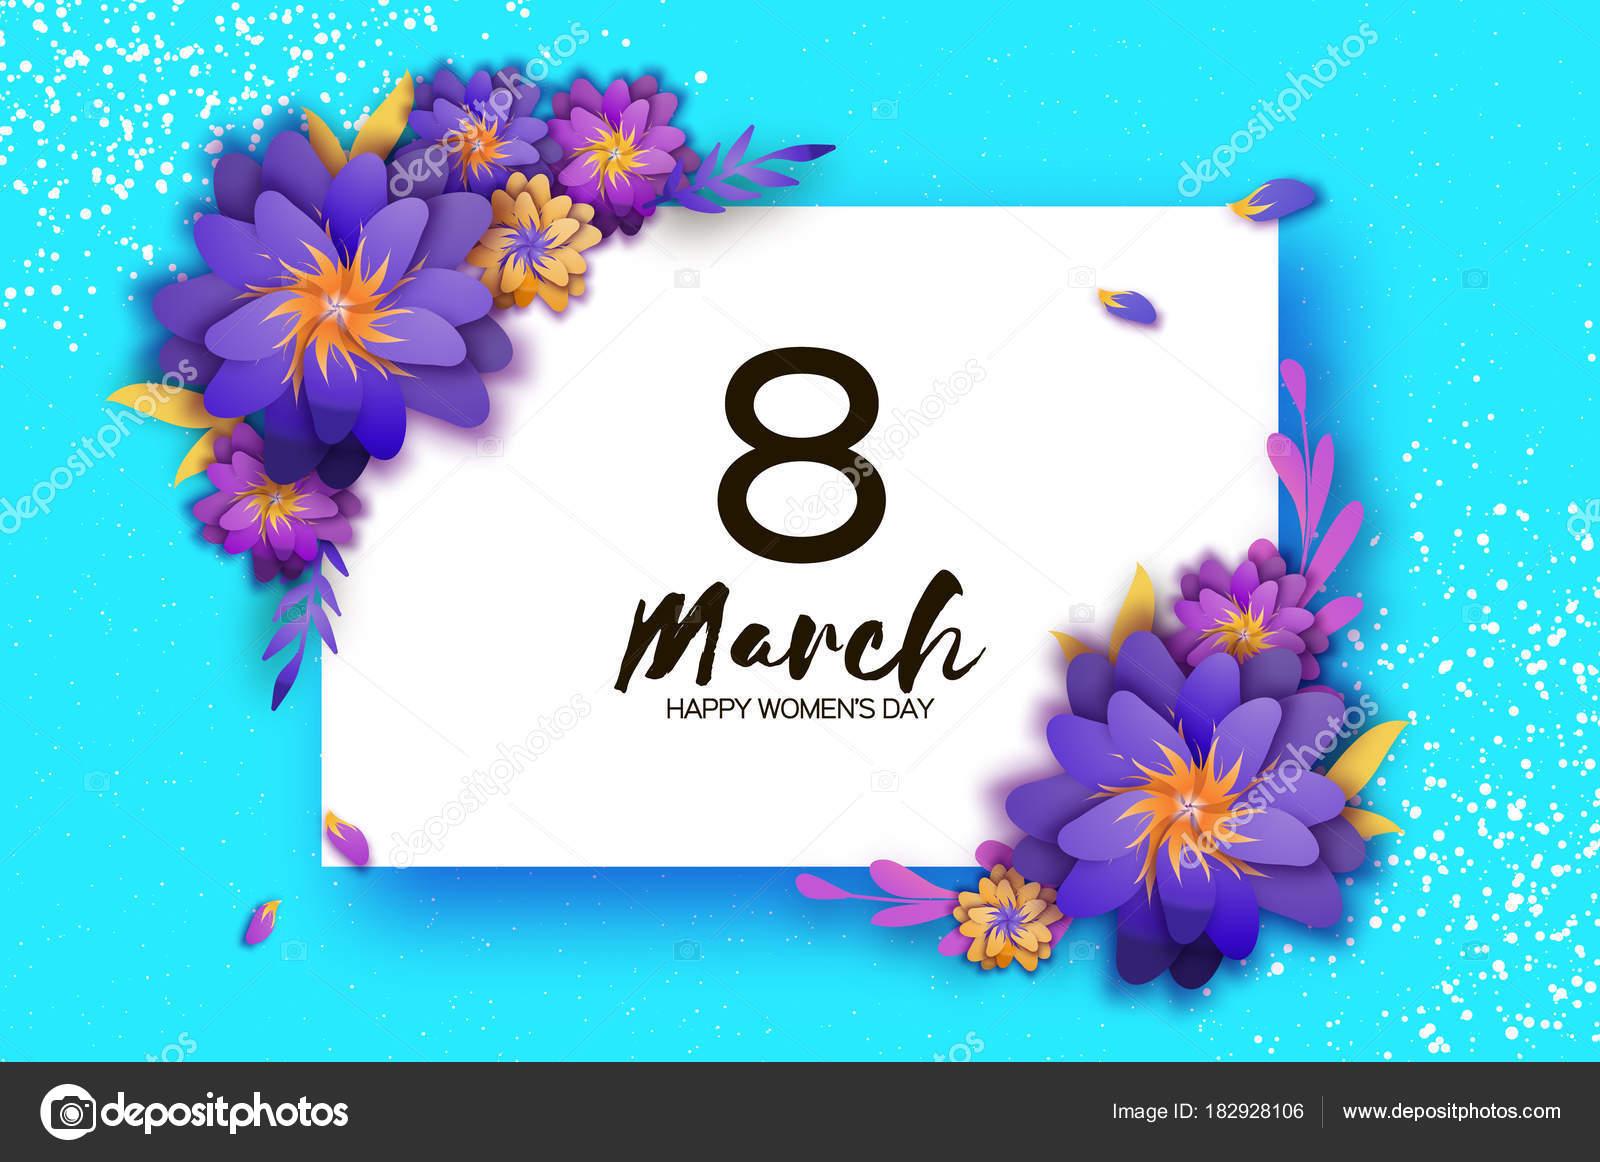 Außergewöhnlich Welche Blumen Blühen Im März Das Beste Von März. Trendige Muttertag. Scherenschnitt Exotischen Tropischen Grußkarte.